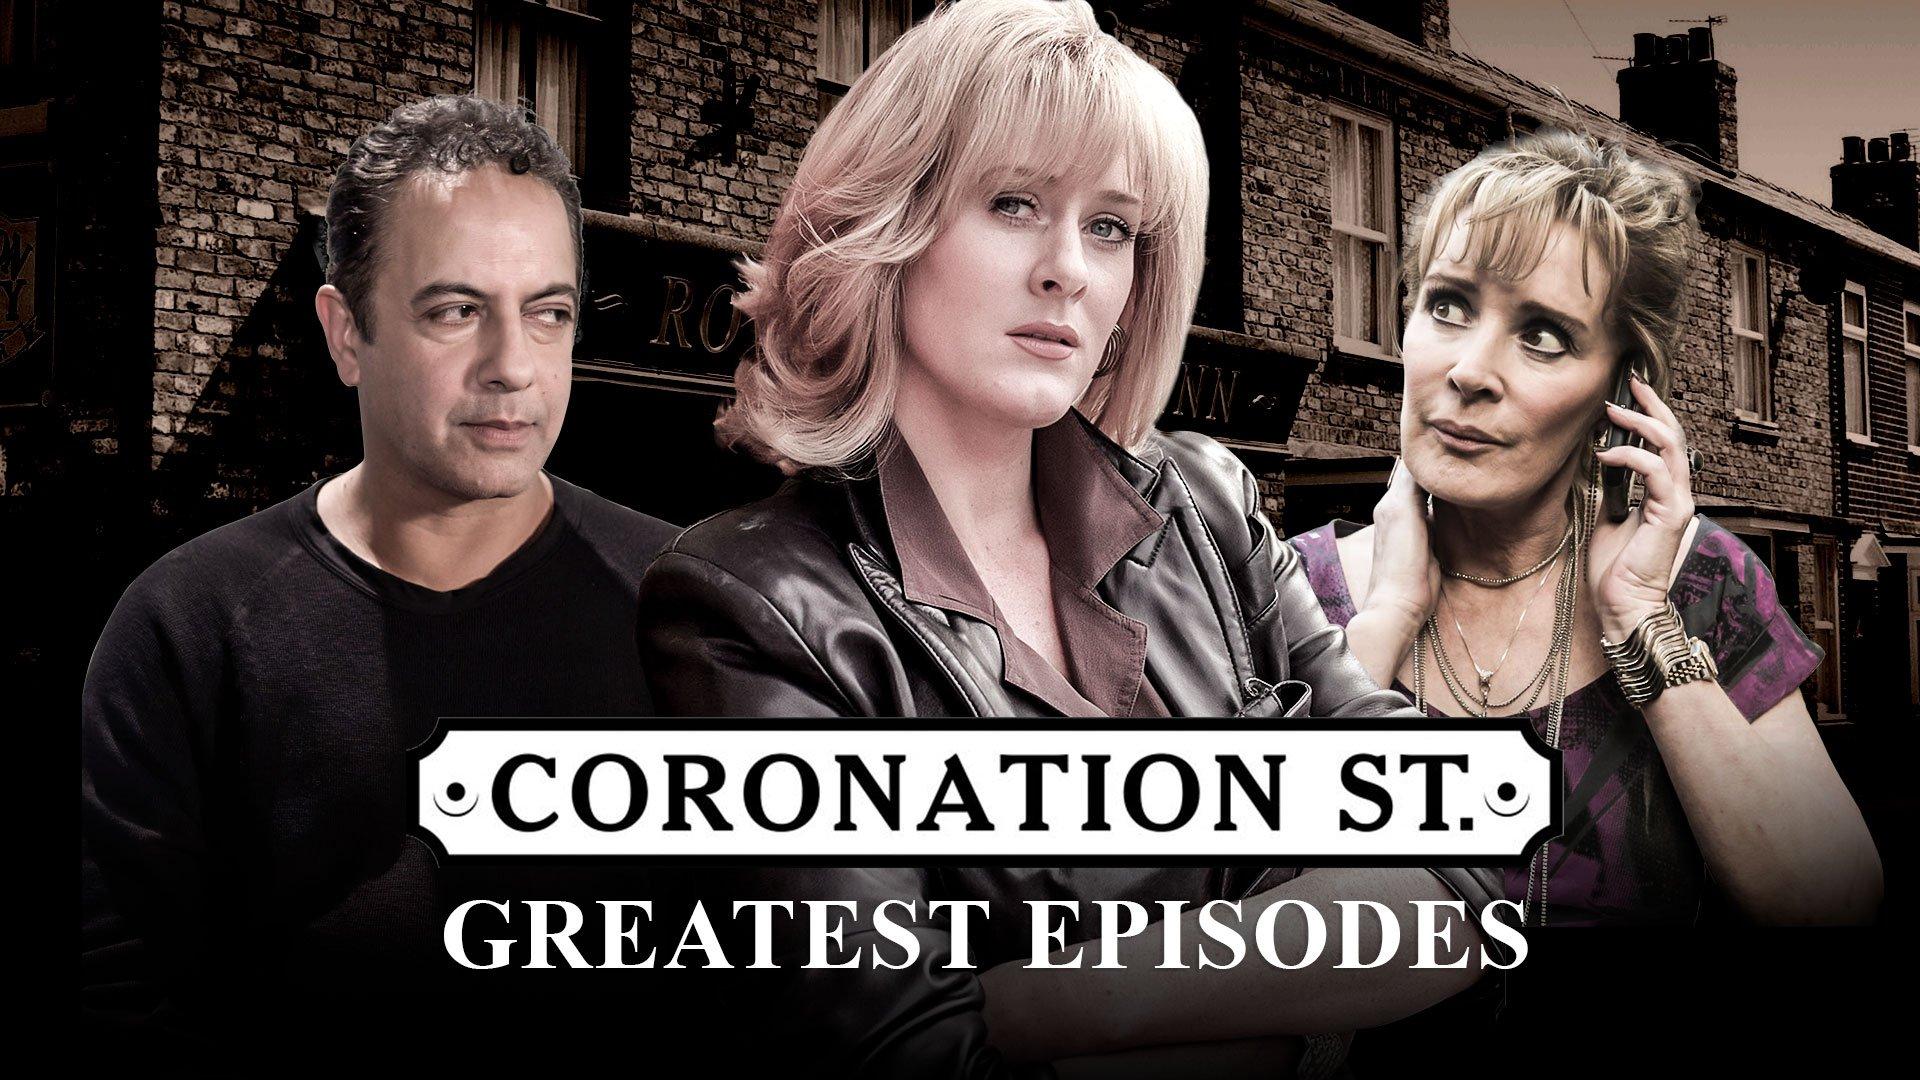 Coronation Street: Greatest Episodes on BritBox UK